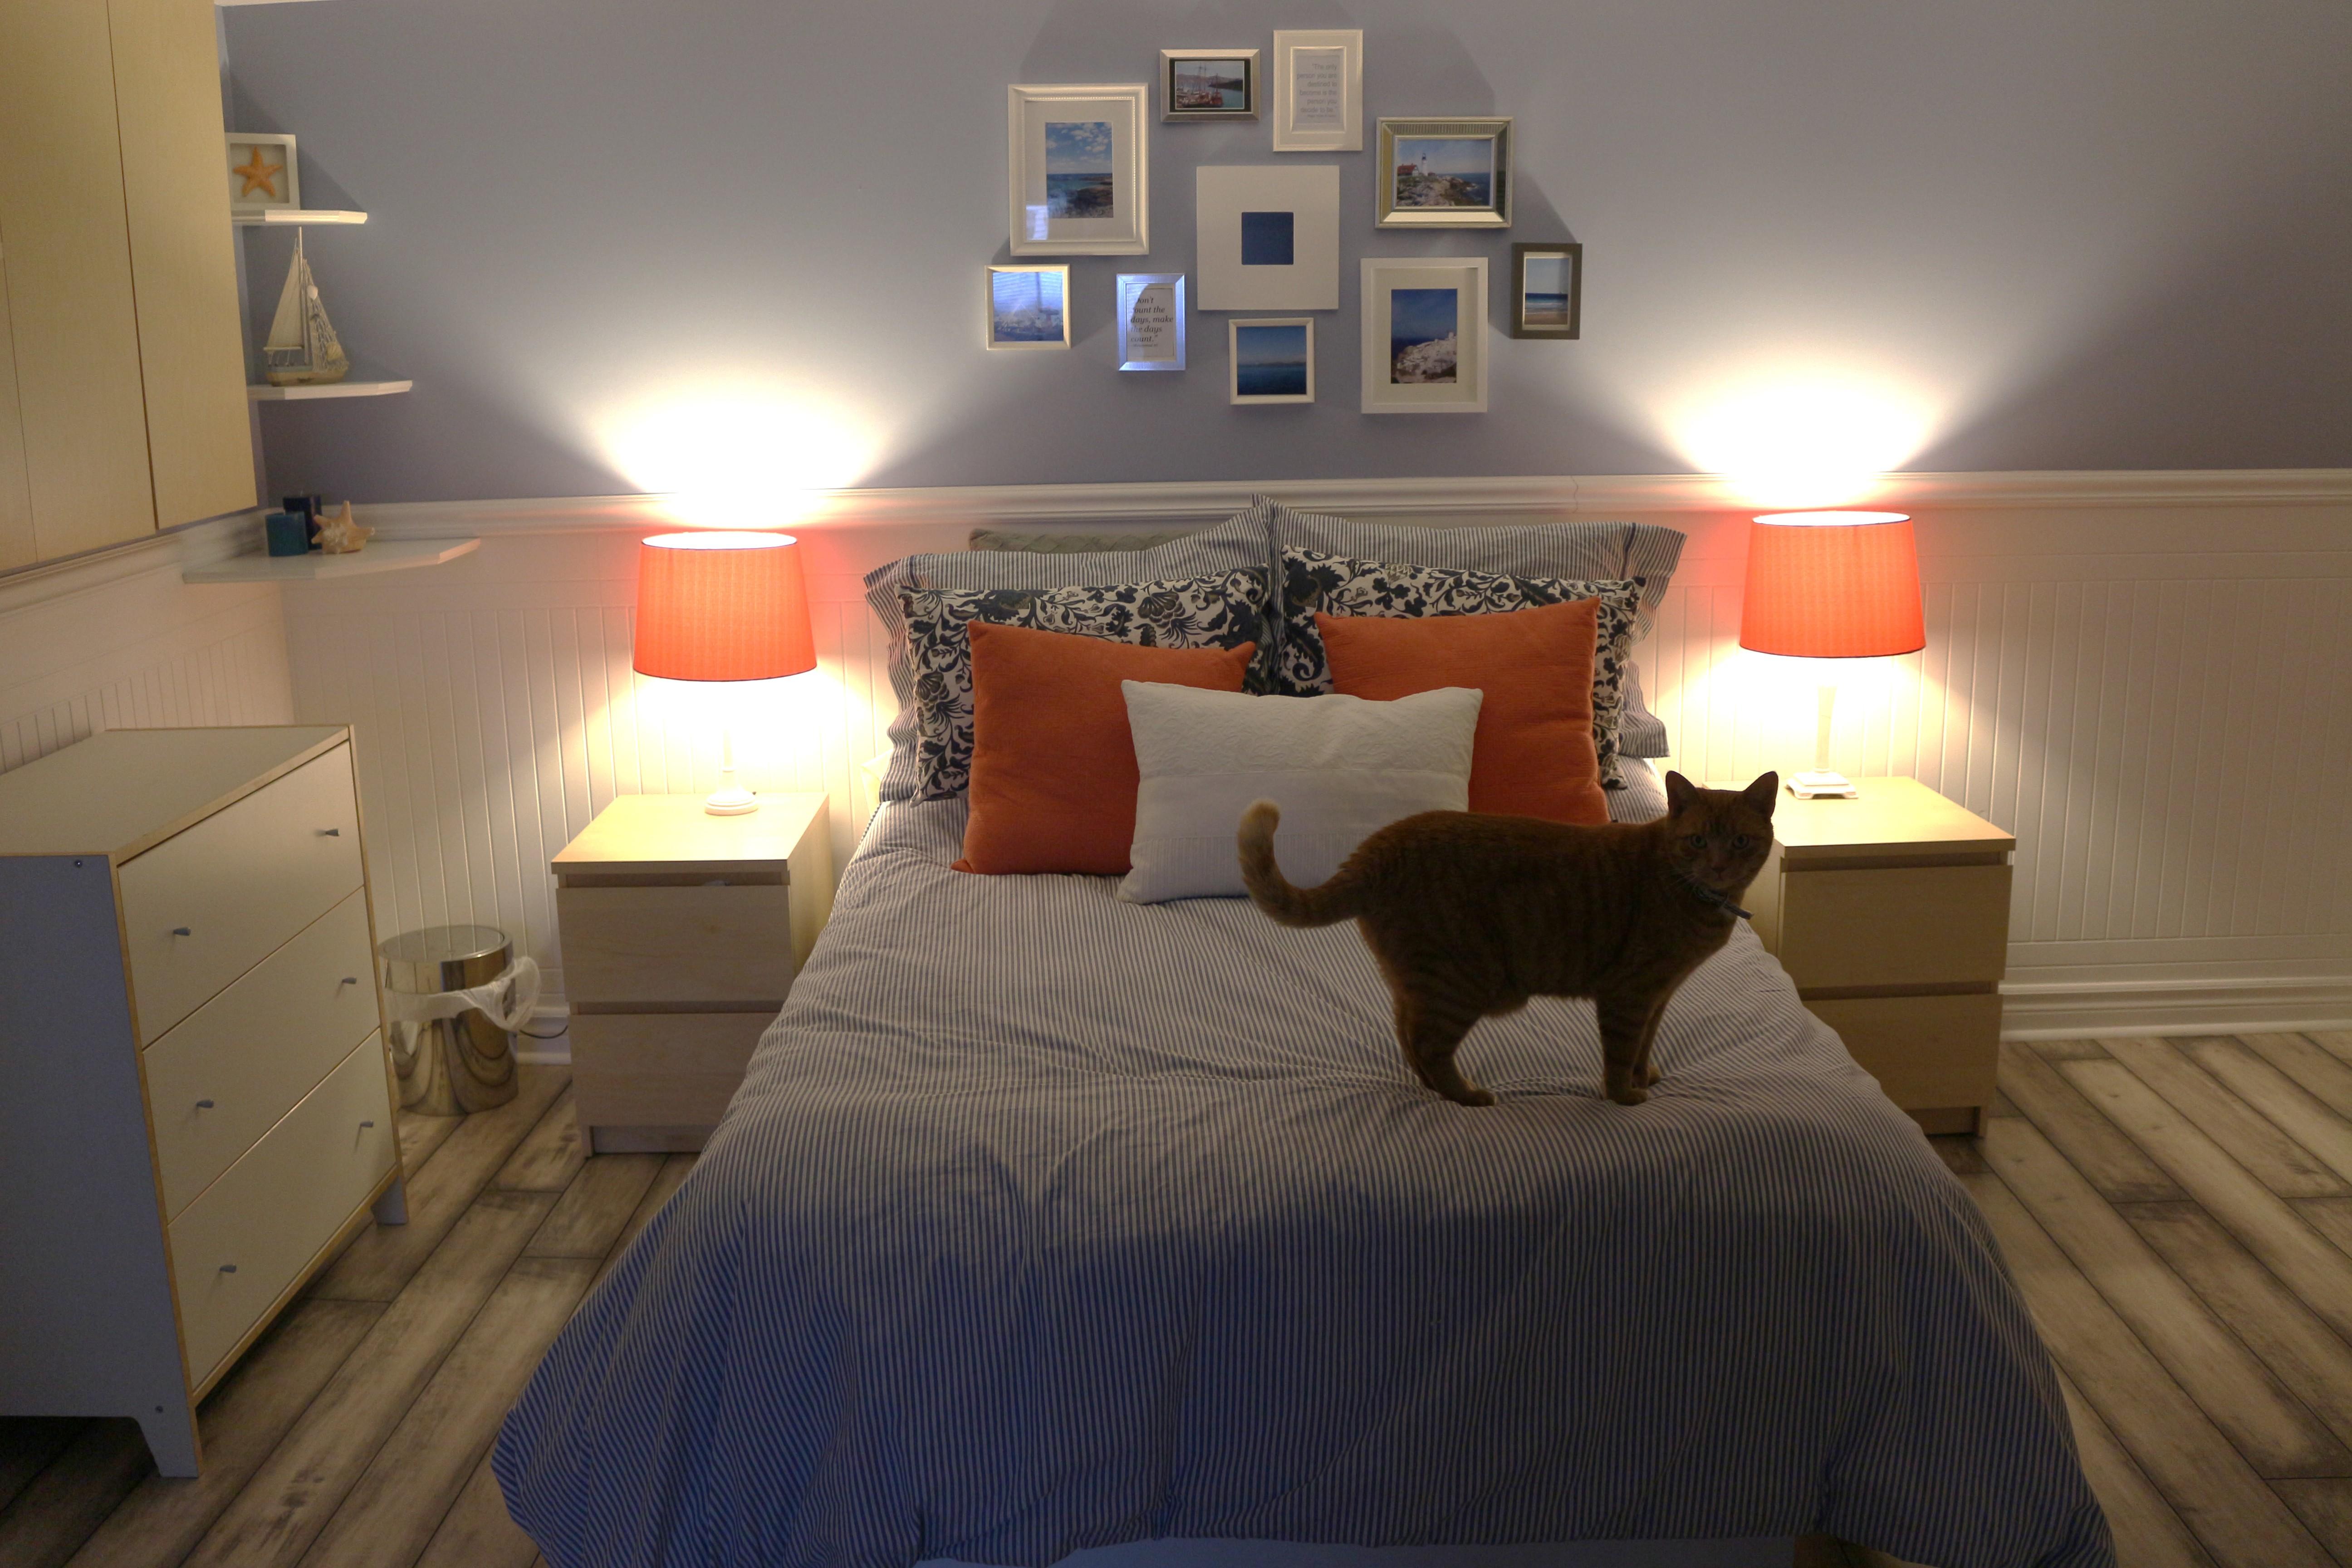 Refaire ma chambre coucher id e for Ou acheter une chambre a coucher